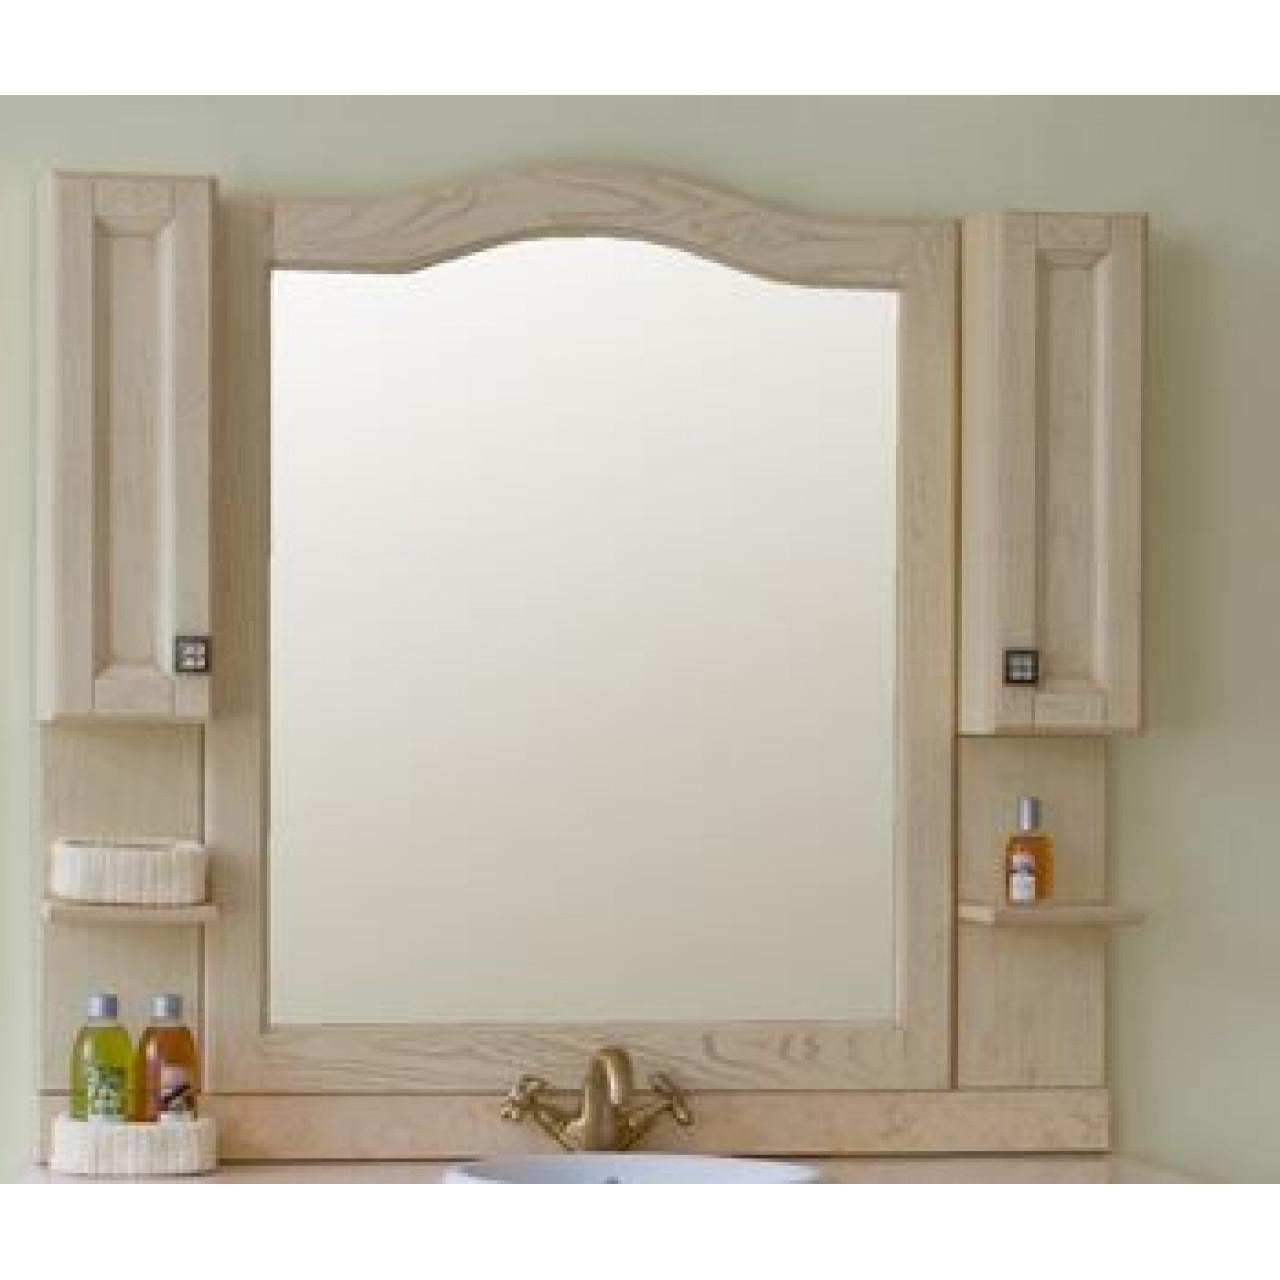 Зеркало-шкаф Аллигатор Ван 110A купить в Москве по цене от 38400р. в интернет-магазине mebel-v-vannu.ru